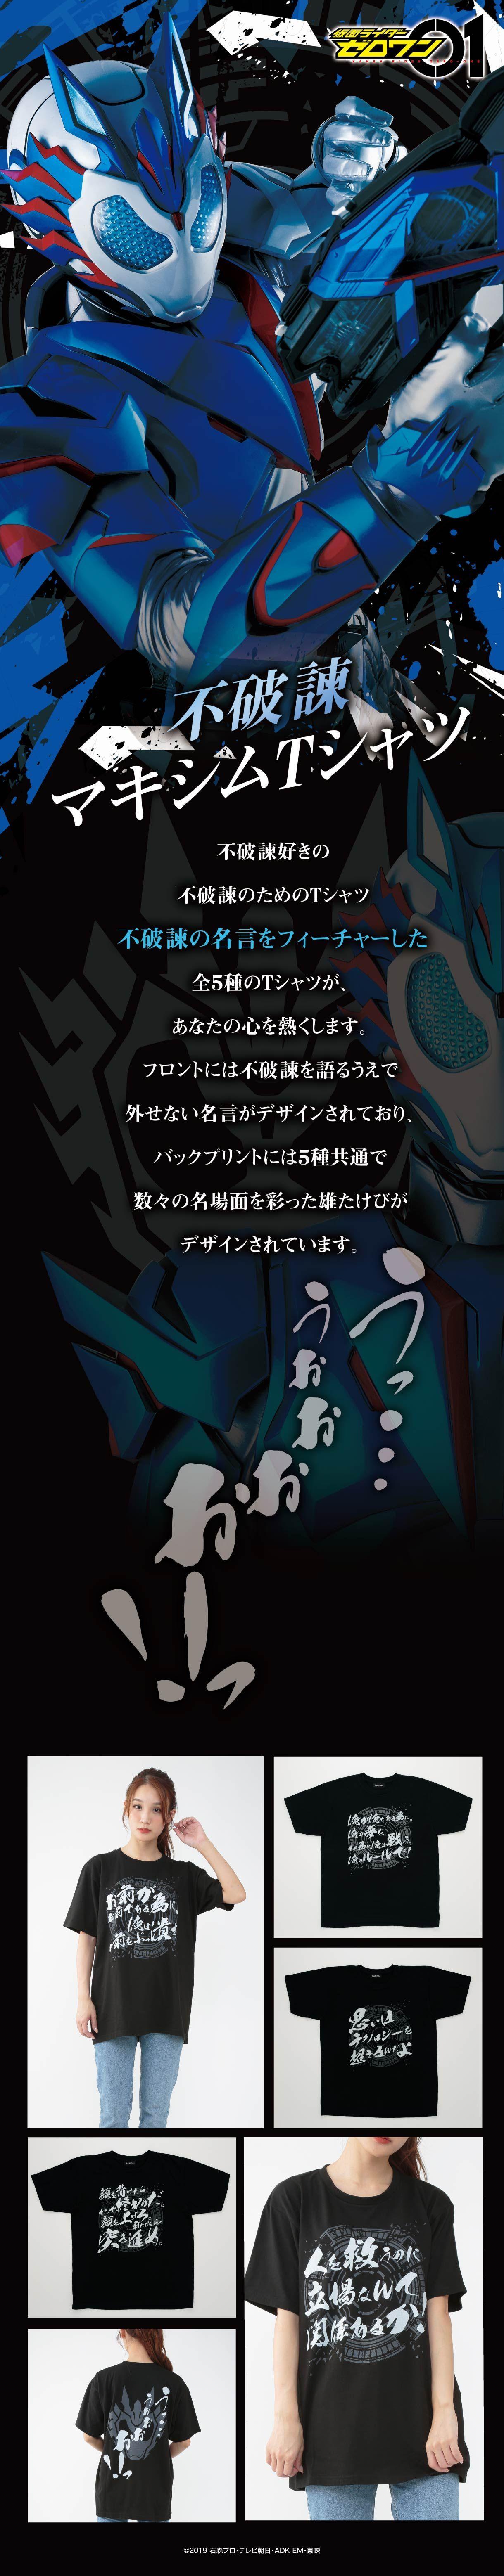 仮面ライダーゼロワン 不破諫マキシムtシャツ プレミアムバンダイ